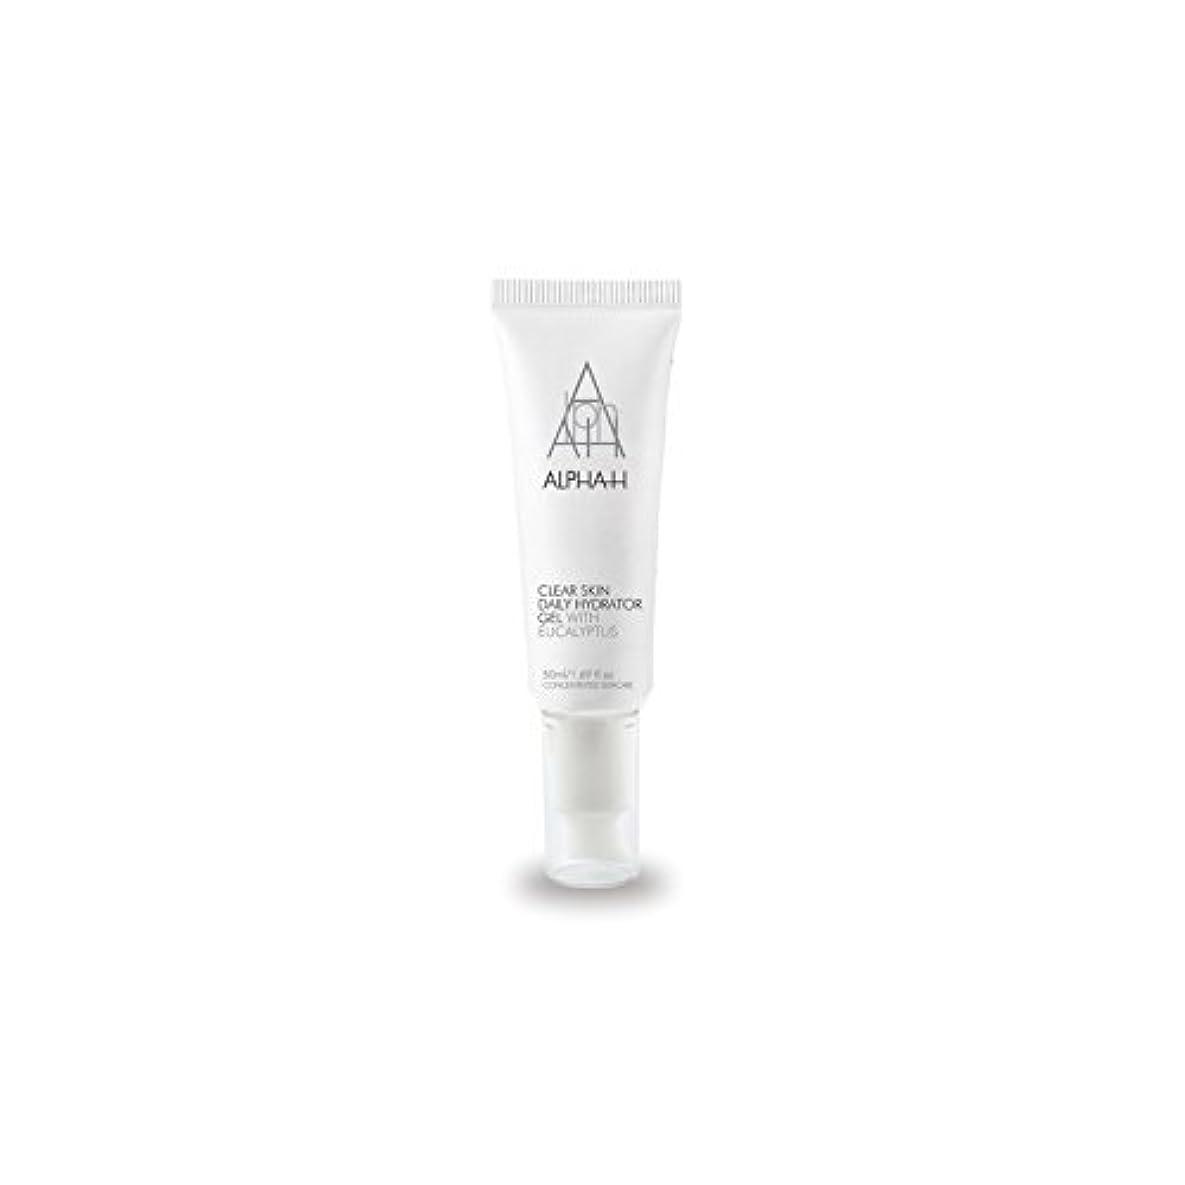 シネウィまばたきまばたきAlpha-H Clear Skin Daily Hydrator Gel (50ml) - アルファクリア皮膚毎日ハイドレーターゲル(50)中 [並行輸入品]